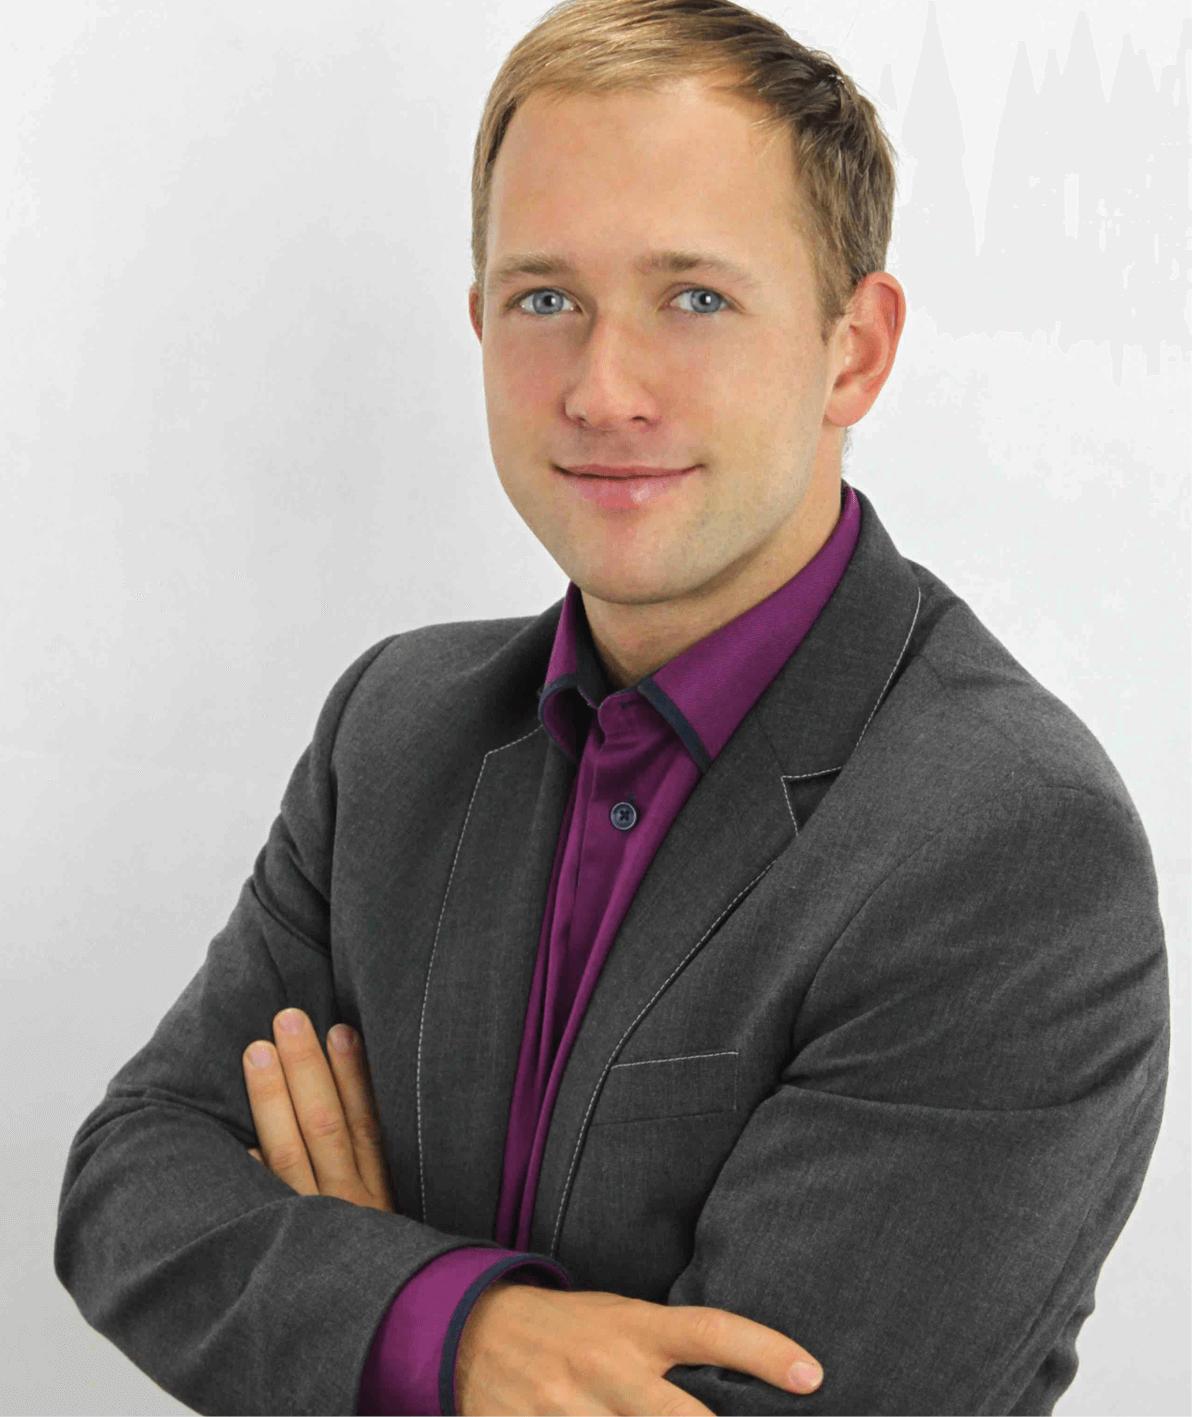 Krzysztof Wojewodzic